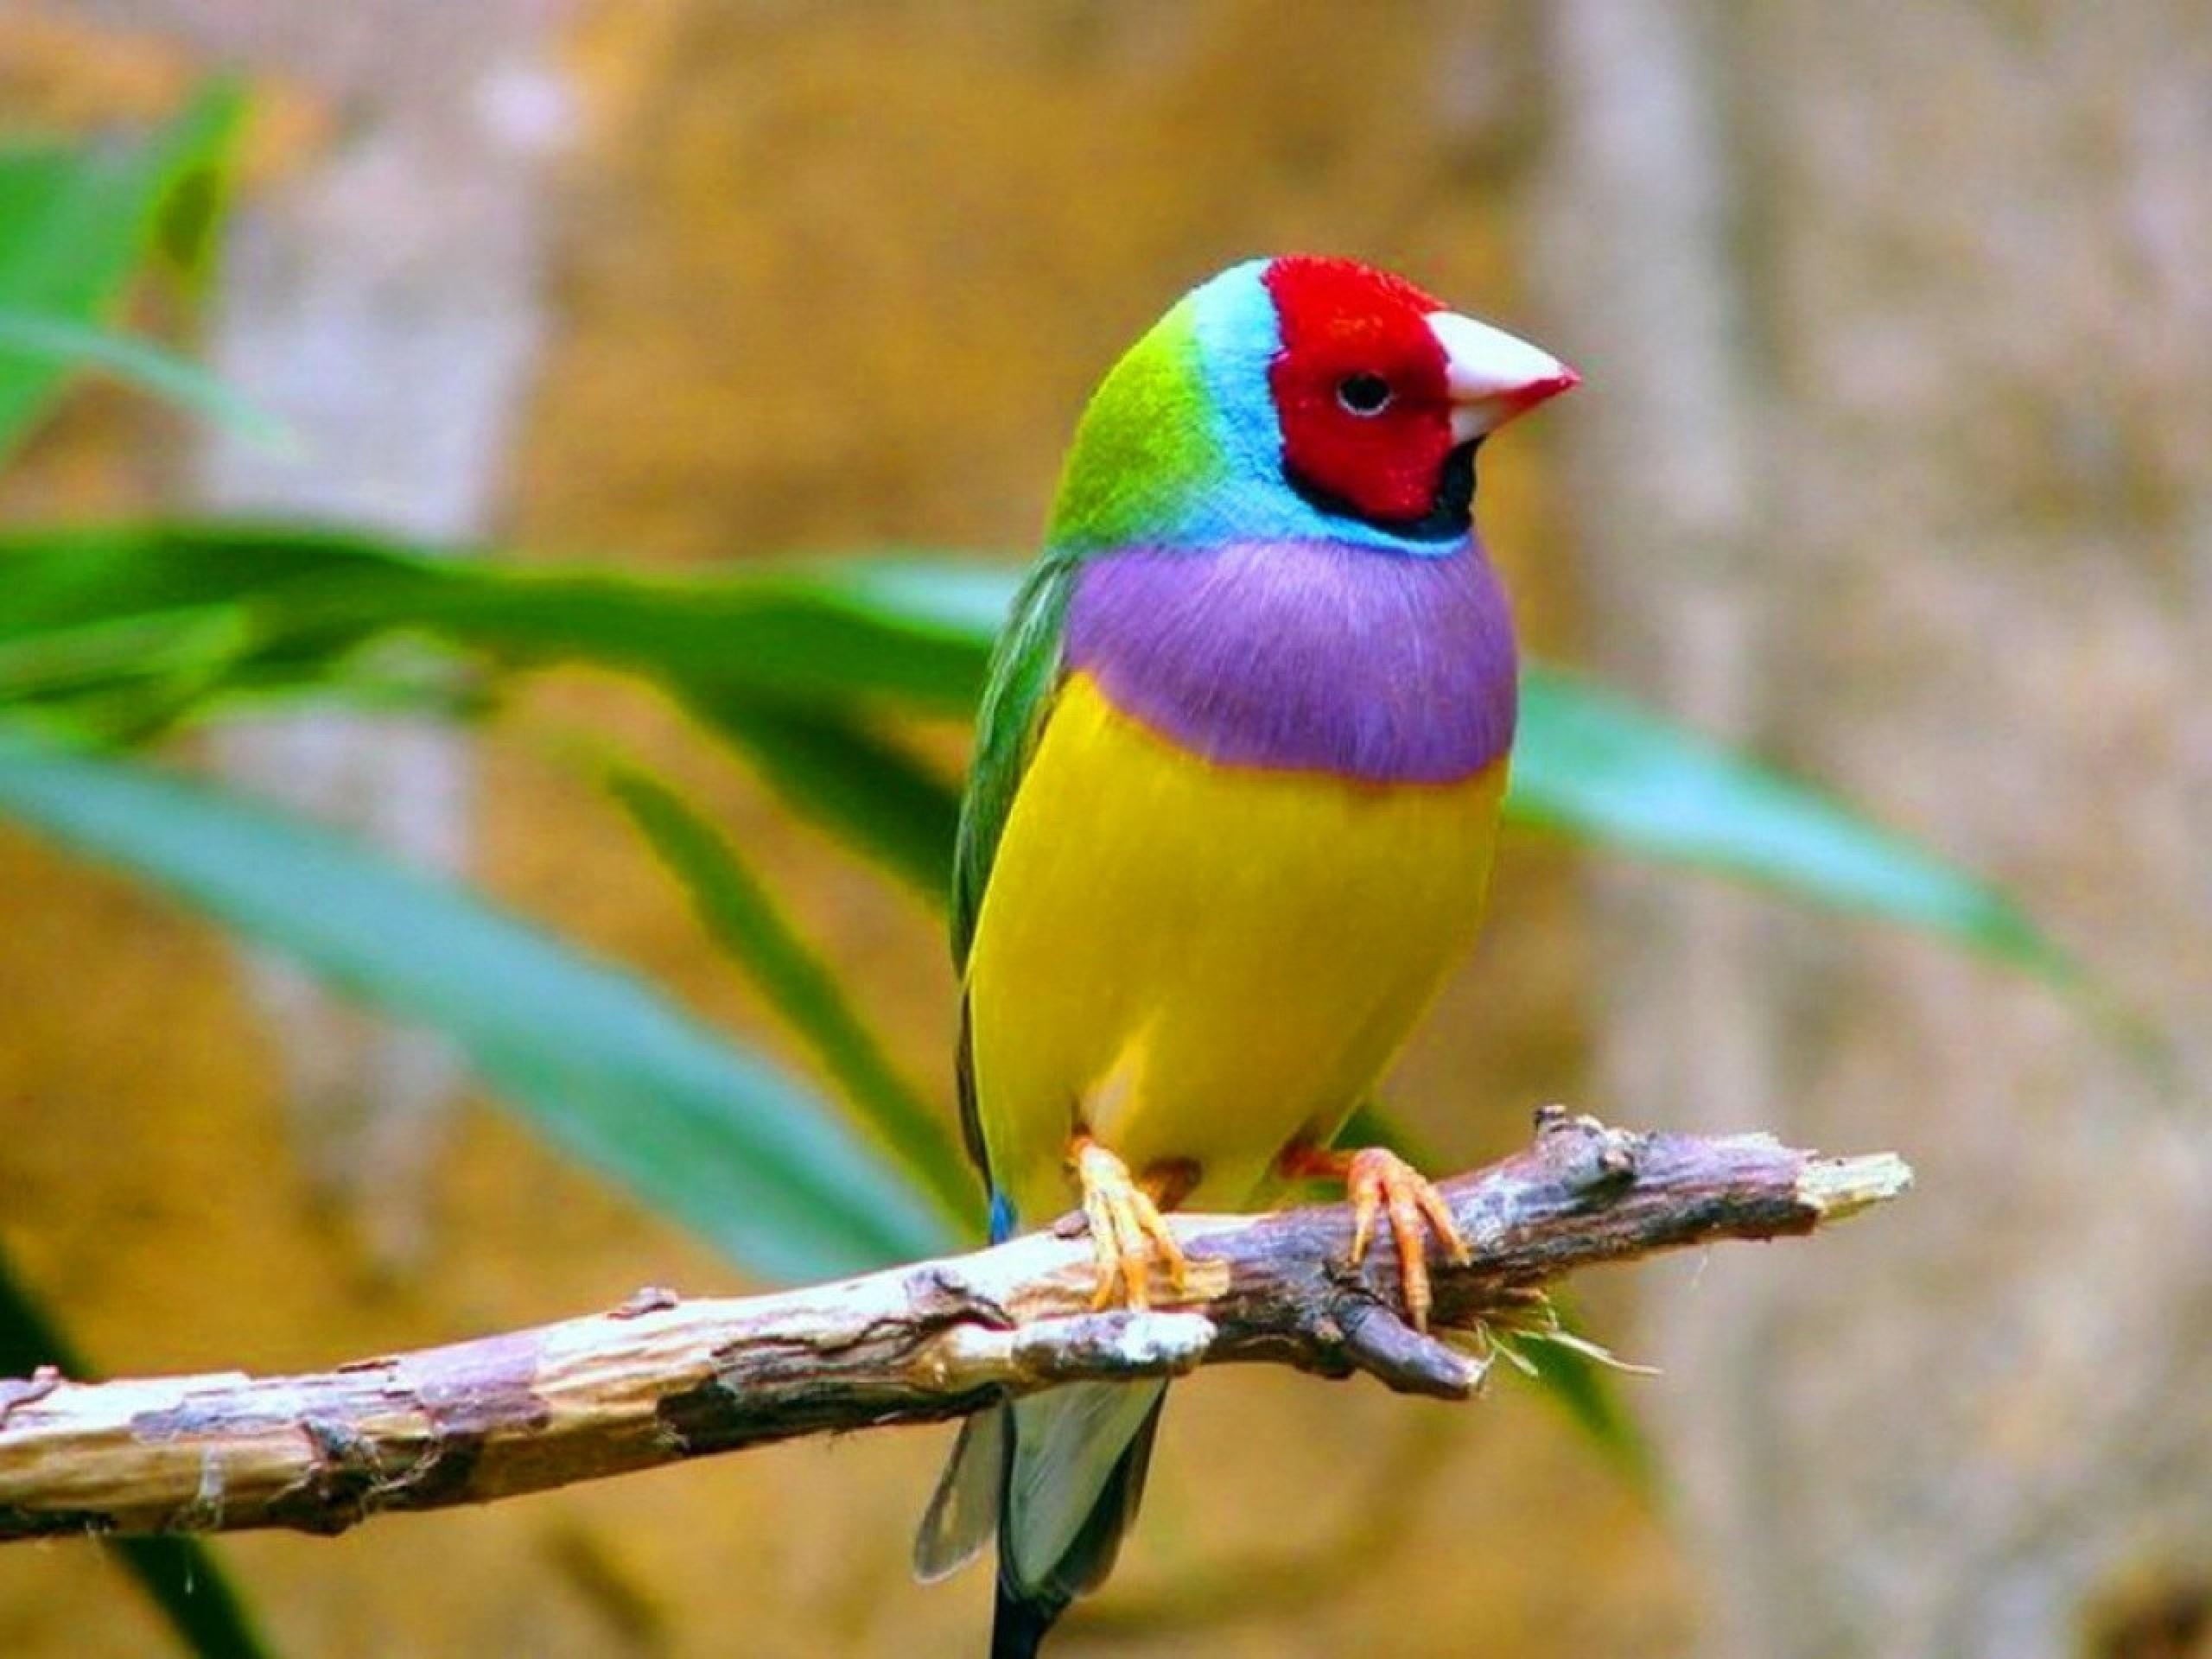 بالصور اجمل الطيور في العالم , طيور سبحان الله 4249 6